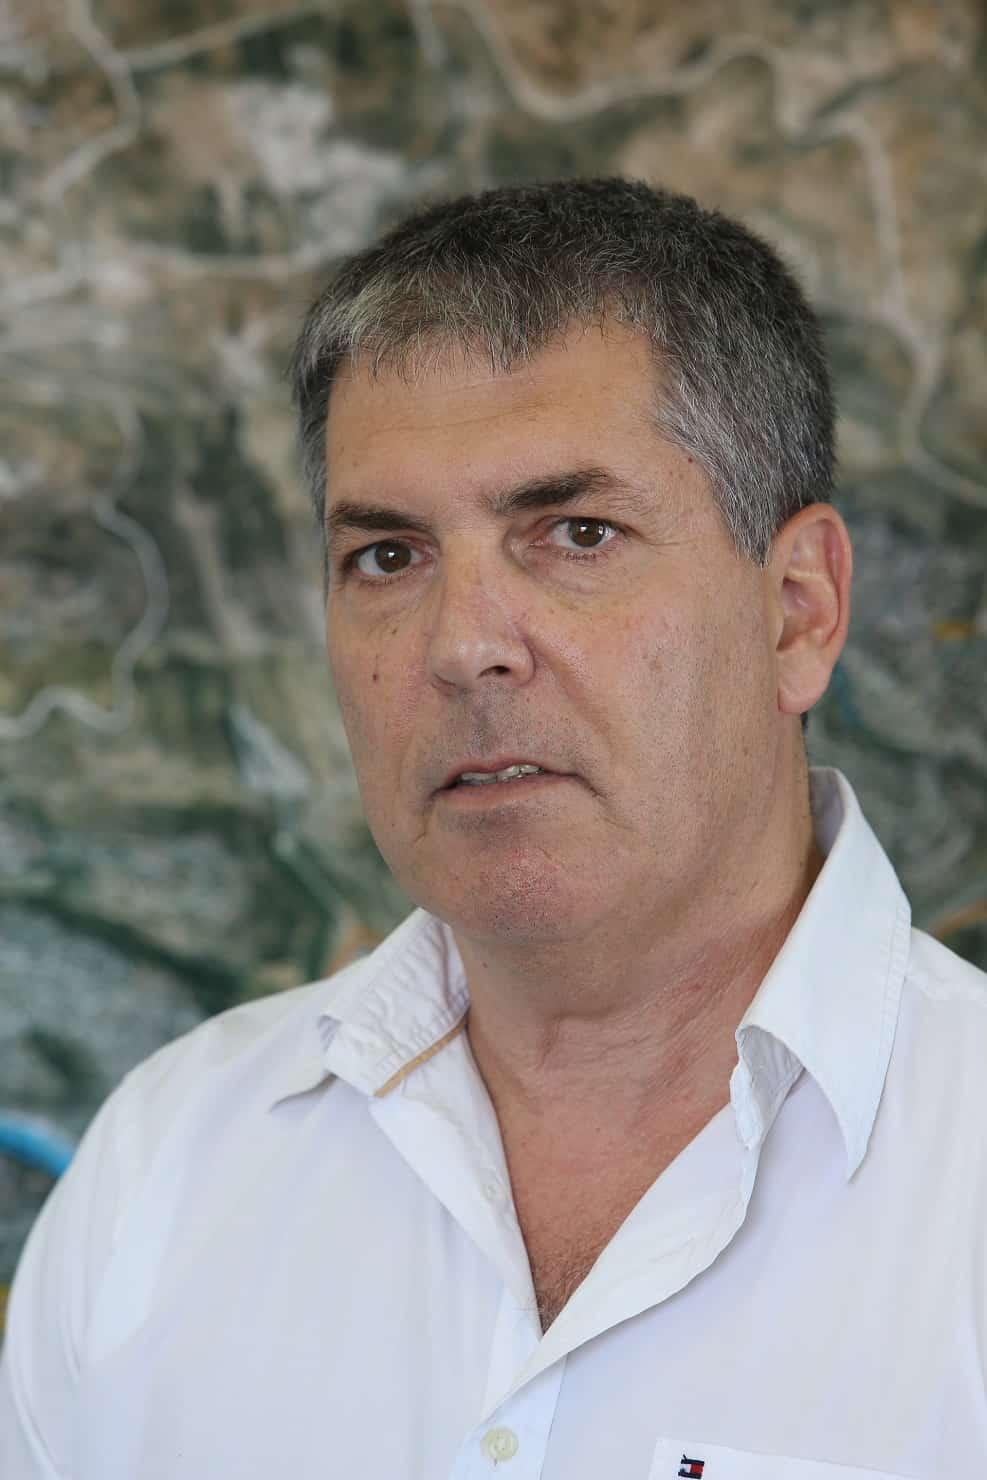 דורון נויוירט מנכל חברת מוריה // צילום ששון תירם